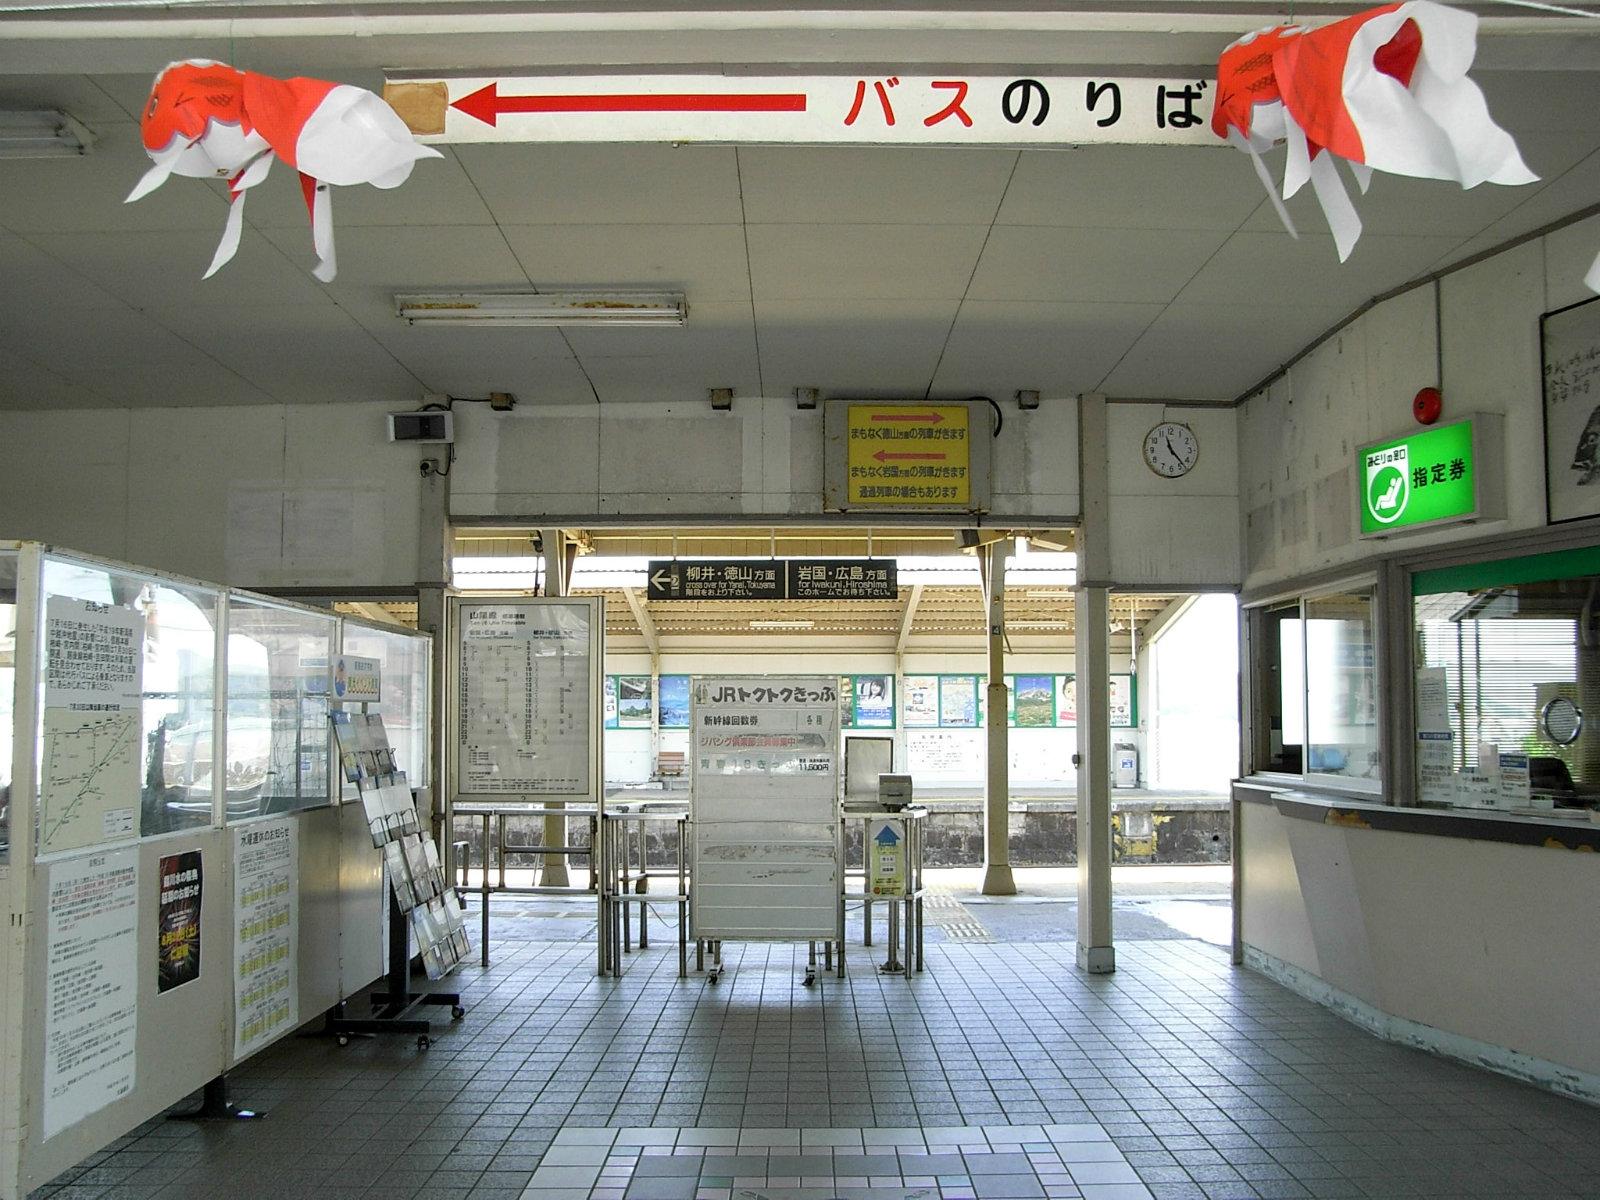 大畠駅の改札口